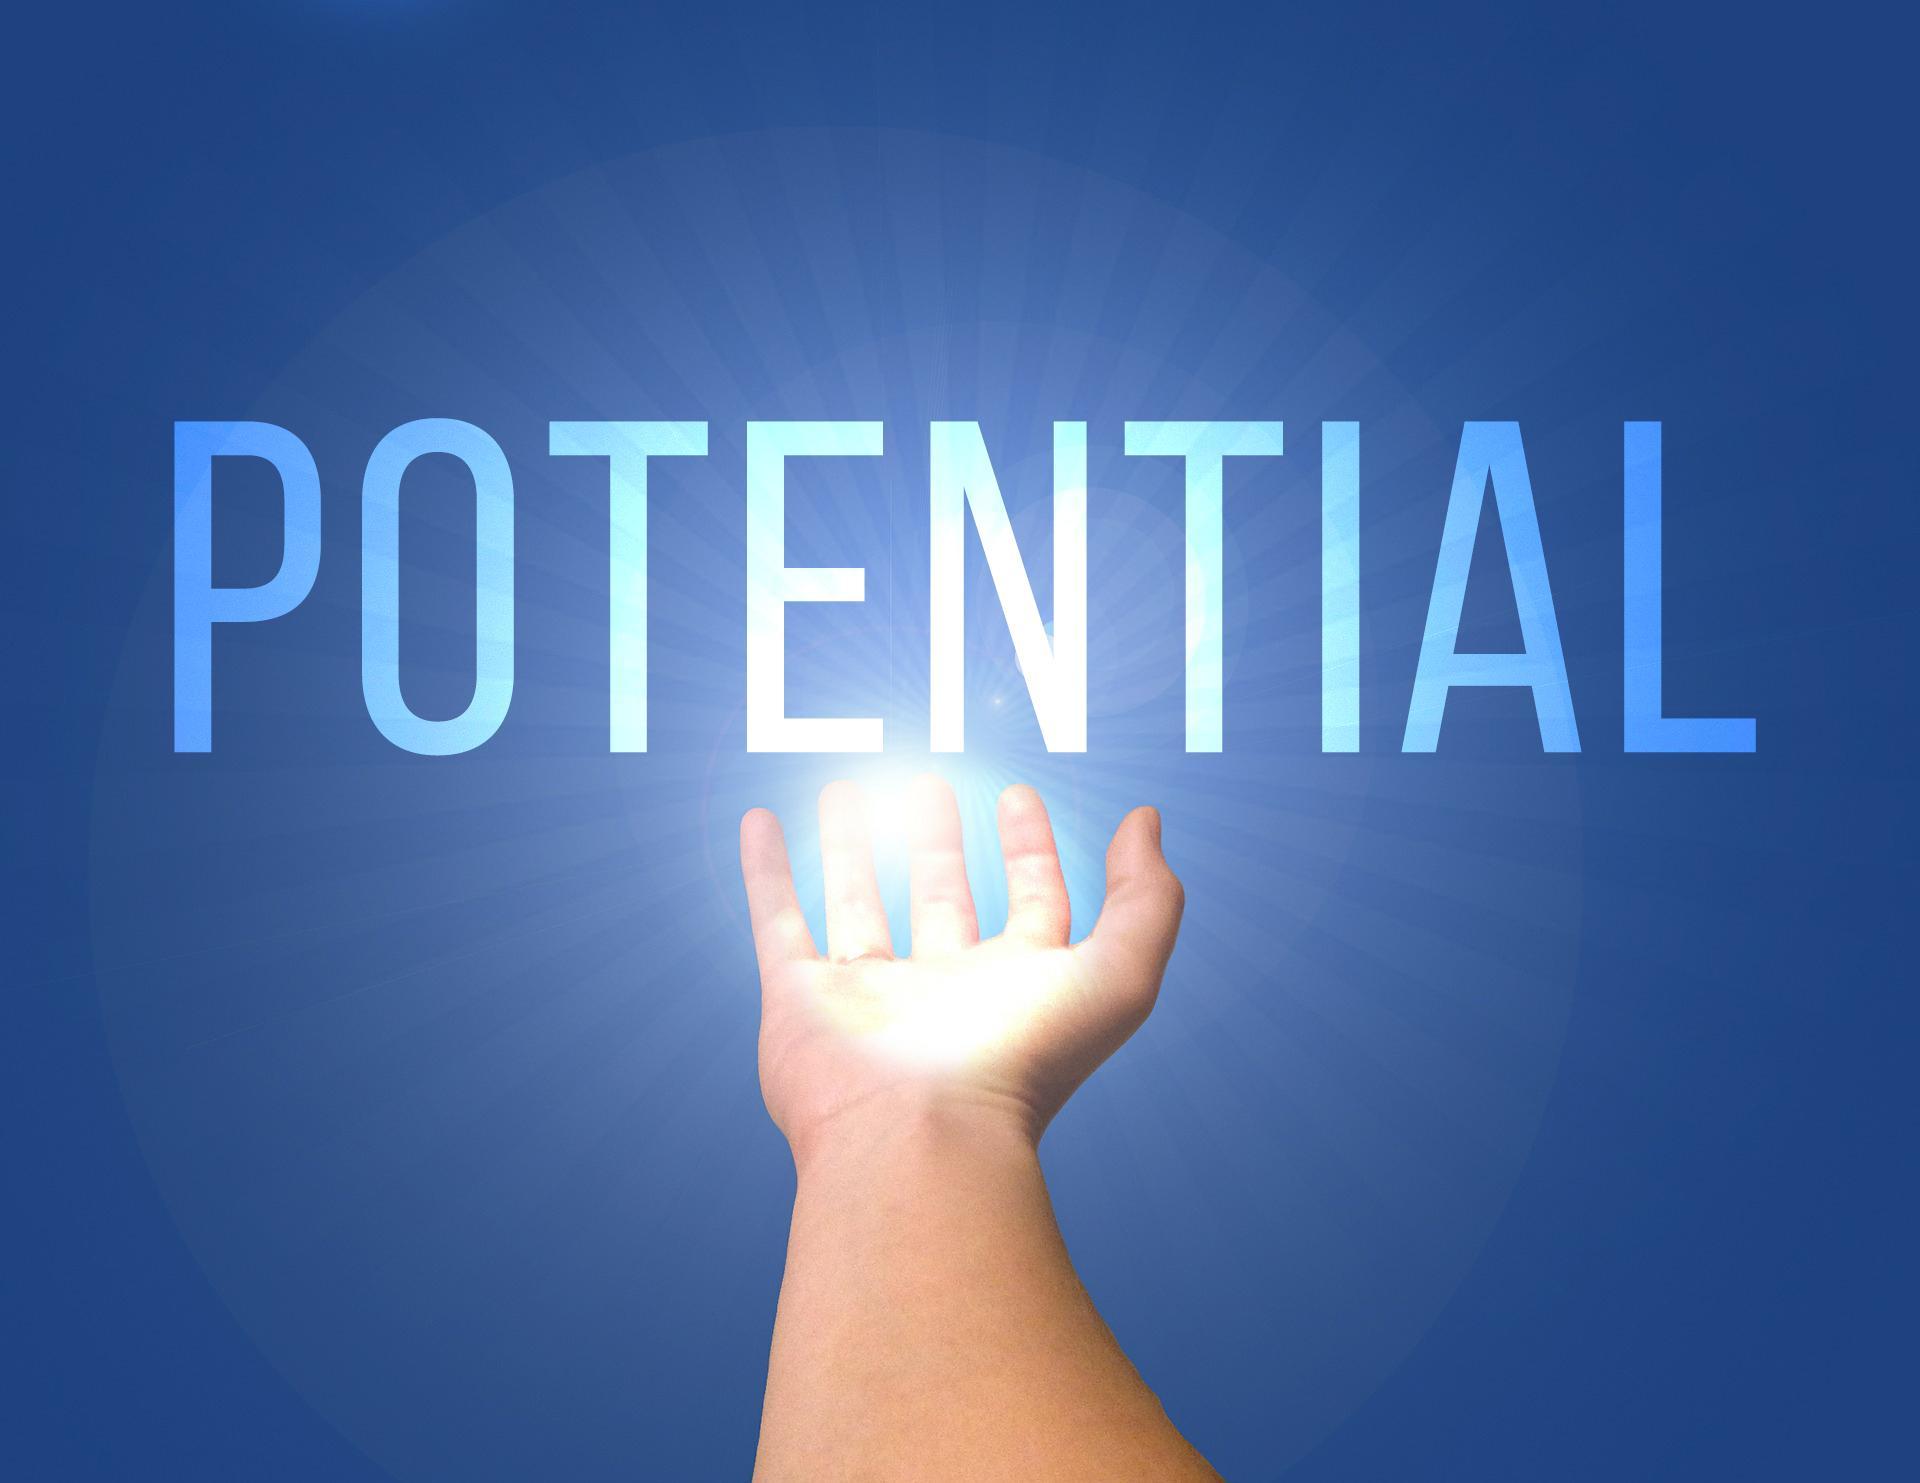 Potential позволит следить за уровнем заряда всех ваших устройств